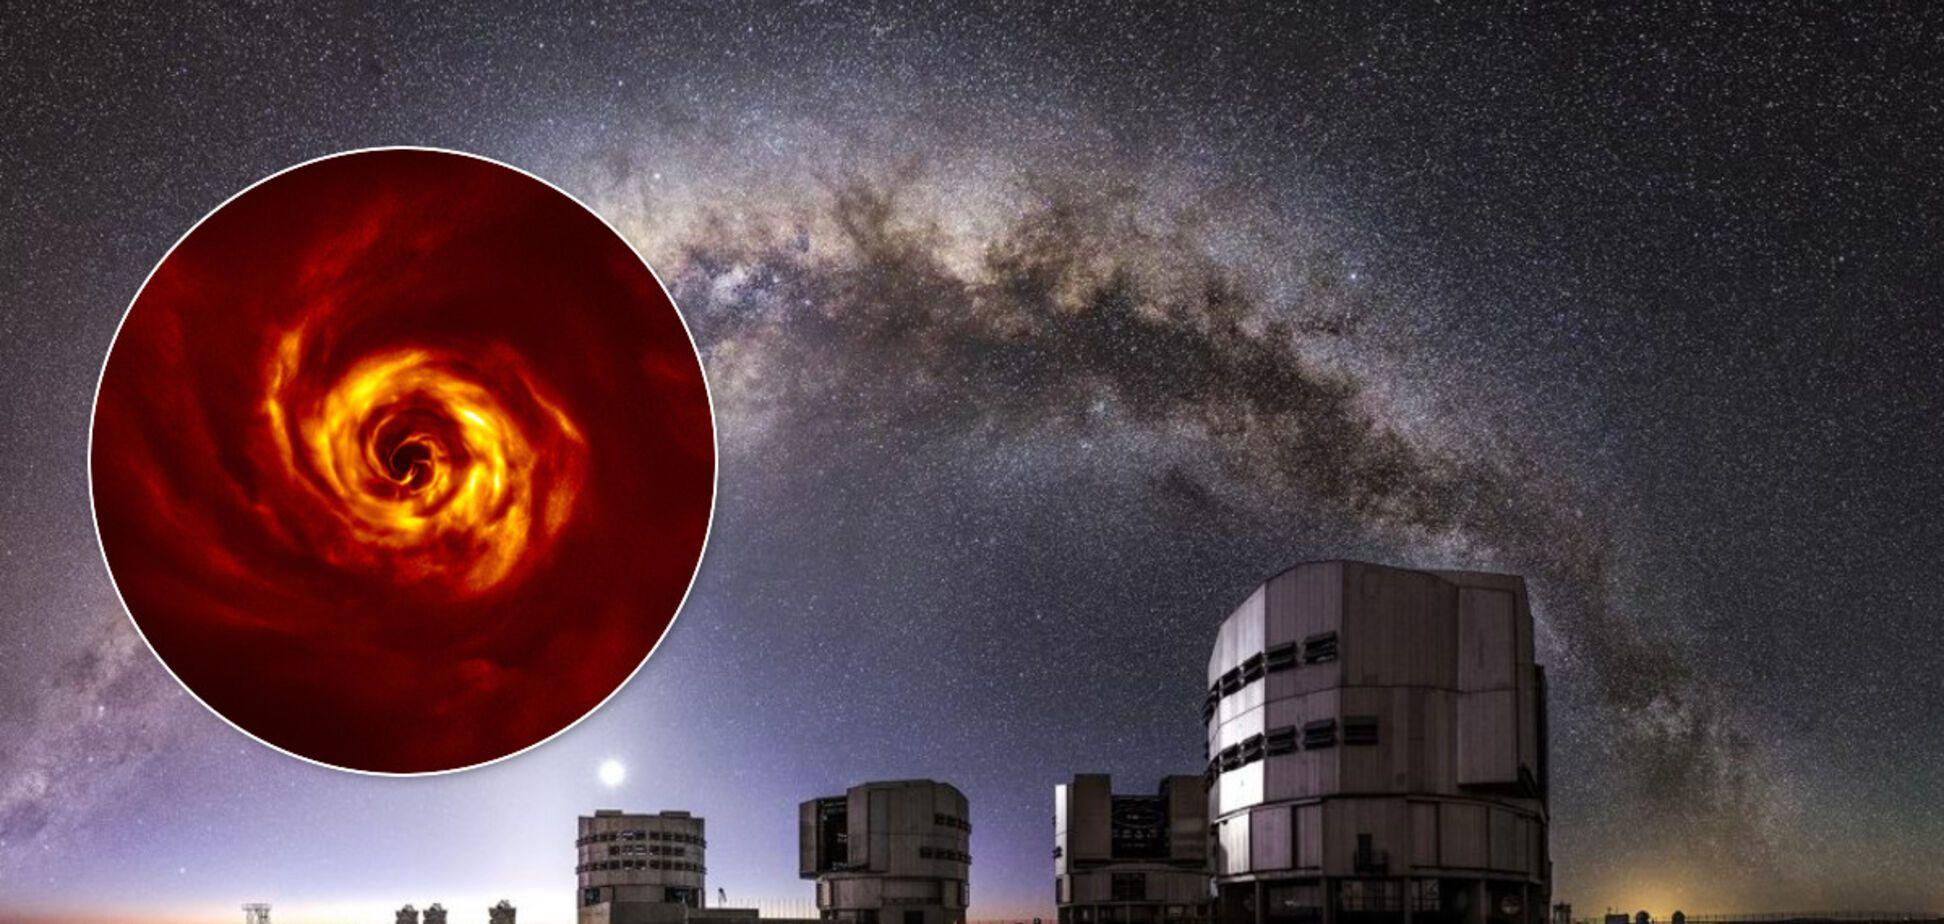 Європейські астрономи зафіксували народження нової планети. Вражаючі фото